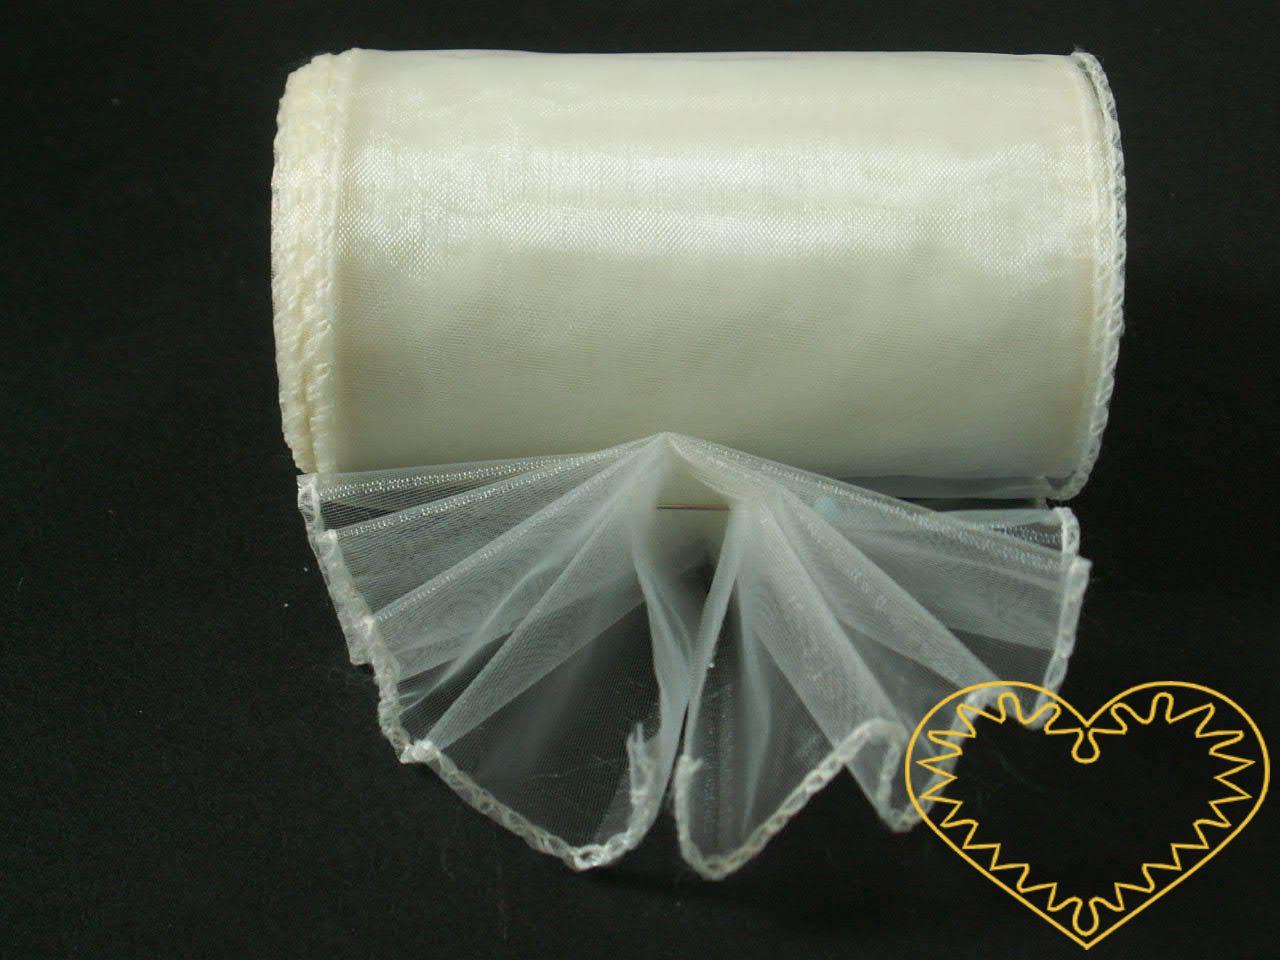 Smetanová organza šíře 10 cm a délky 9,14 m, z obou stran obroubená. Vhodná k dekorování, šití, aranžování, pro výzdobu slavnostní tabule, balení dárků, výrobu ozdob apod.